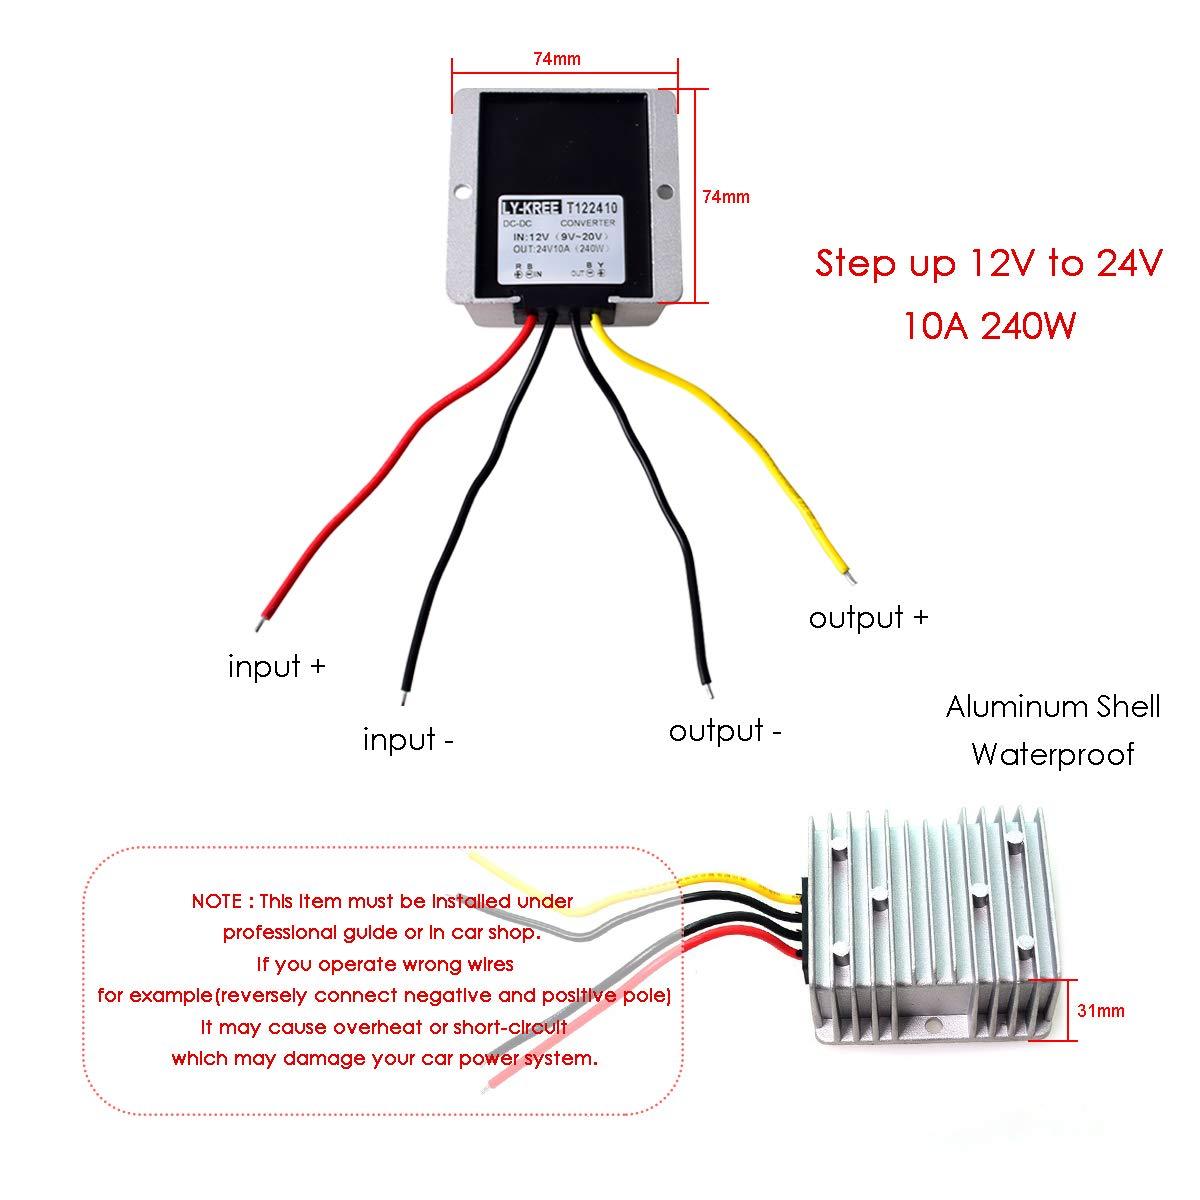 Car DC 12v to 24v Step Up Converter 5A 120W Regulator Power Supply Voltage Inverter Changer Adapter for Vehicle Boat Truck Van Boat Solar System DC 9-20V Inputs 24V Output